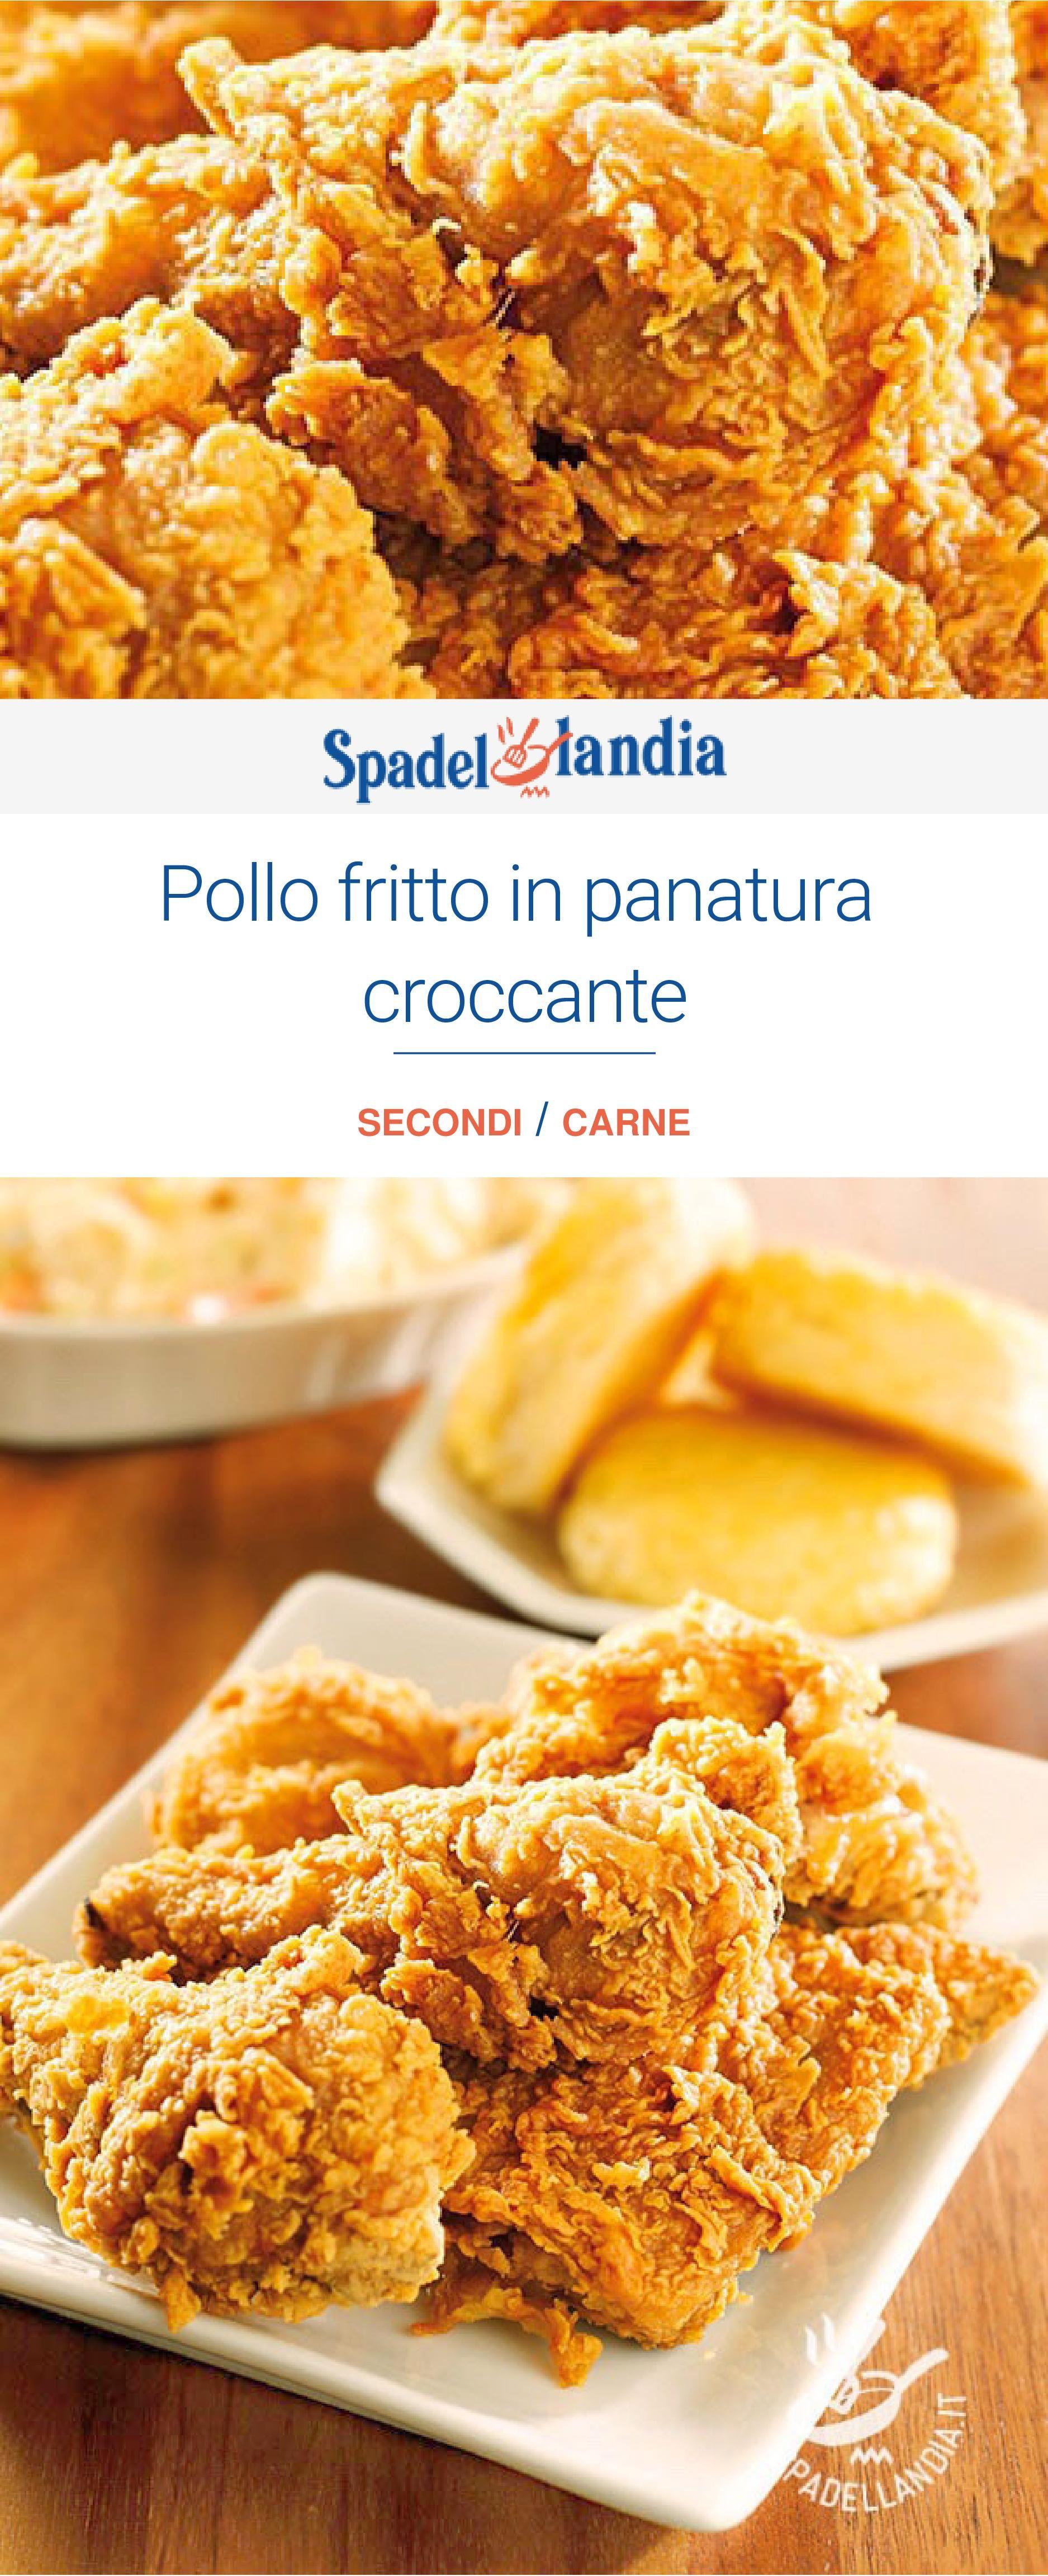 52253a439405940cb5a02da55399e2b4 - Pollo Fritto Ricette